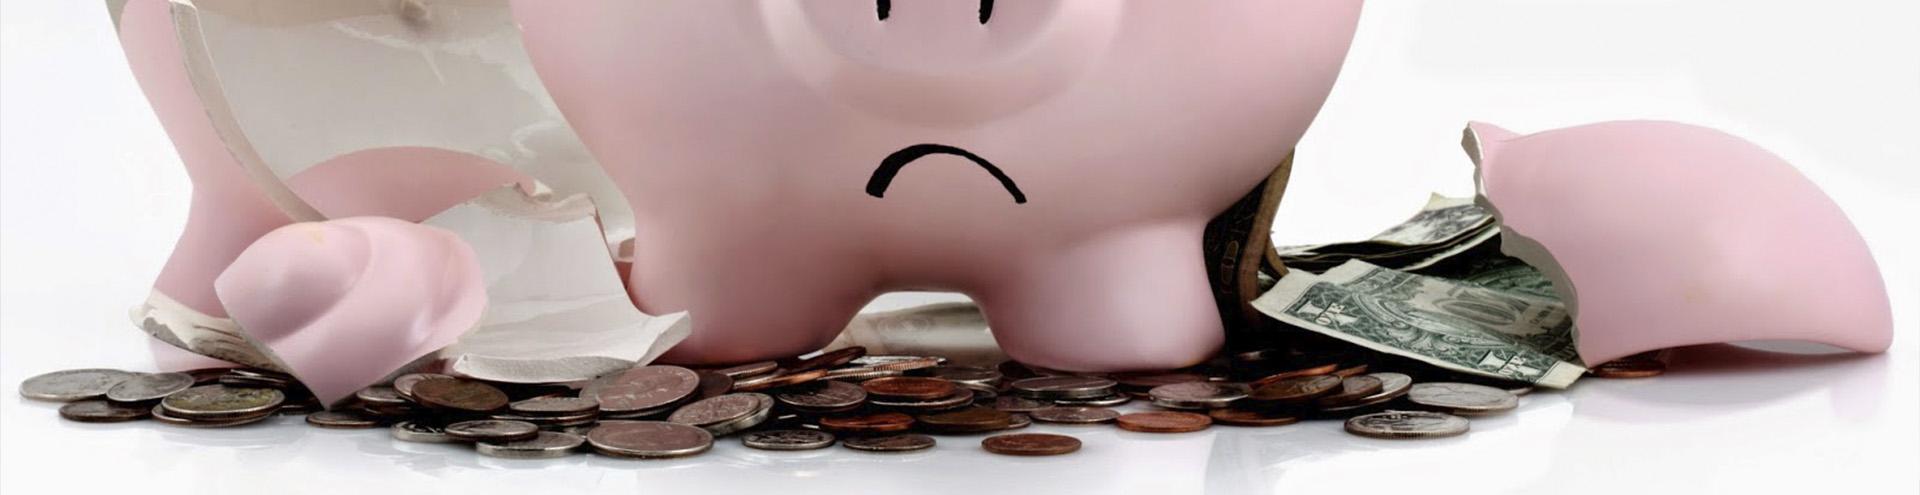 банкротство банка в Астрахани и Астраханской области